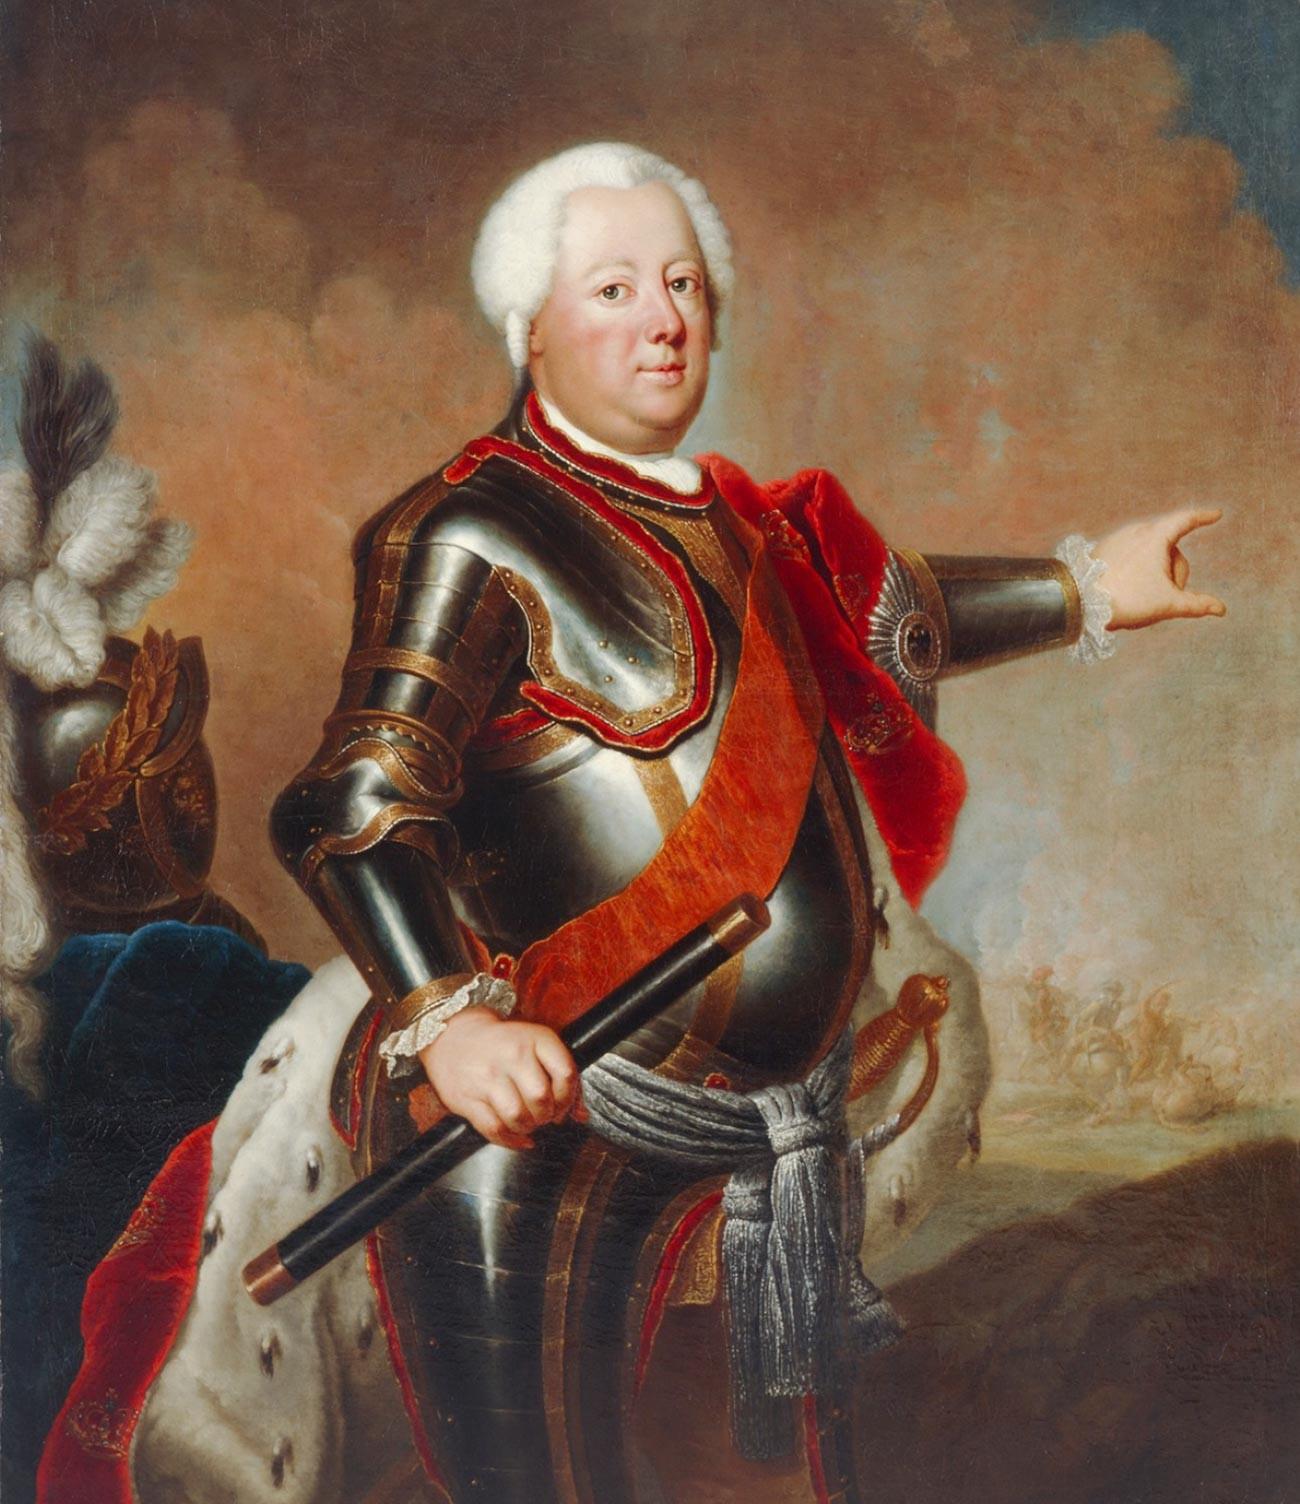 Retrato do rei prussiano Frederico Guilherme